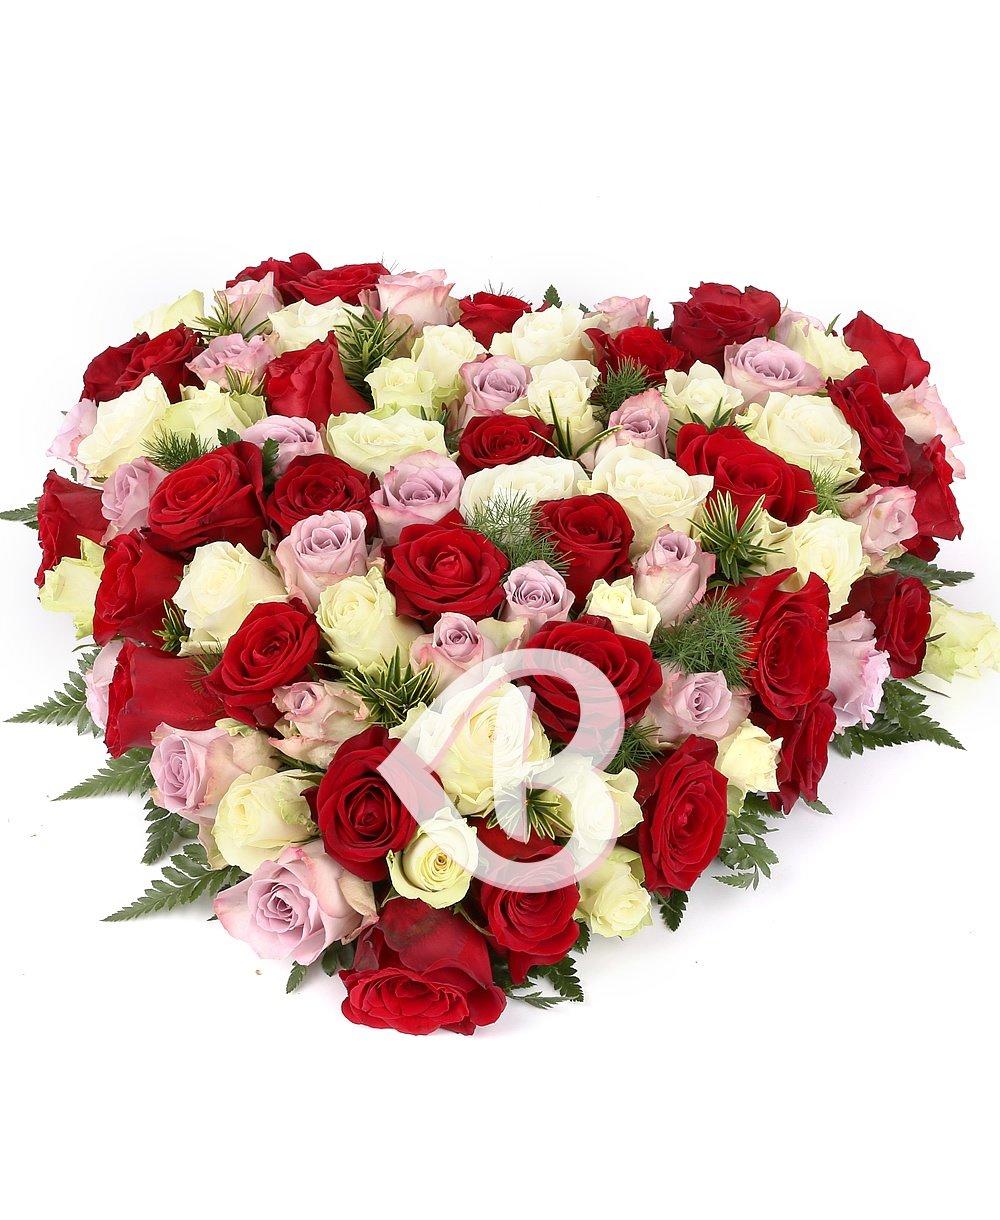 Imaginea produsului Trandafiri Din Inimă